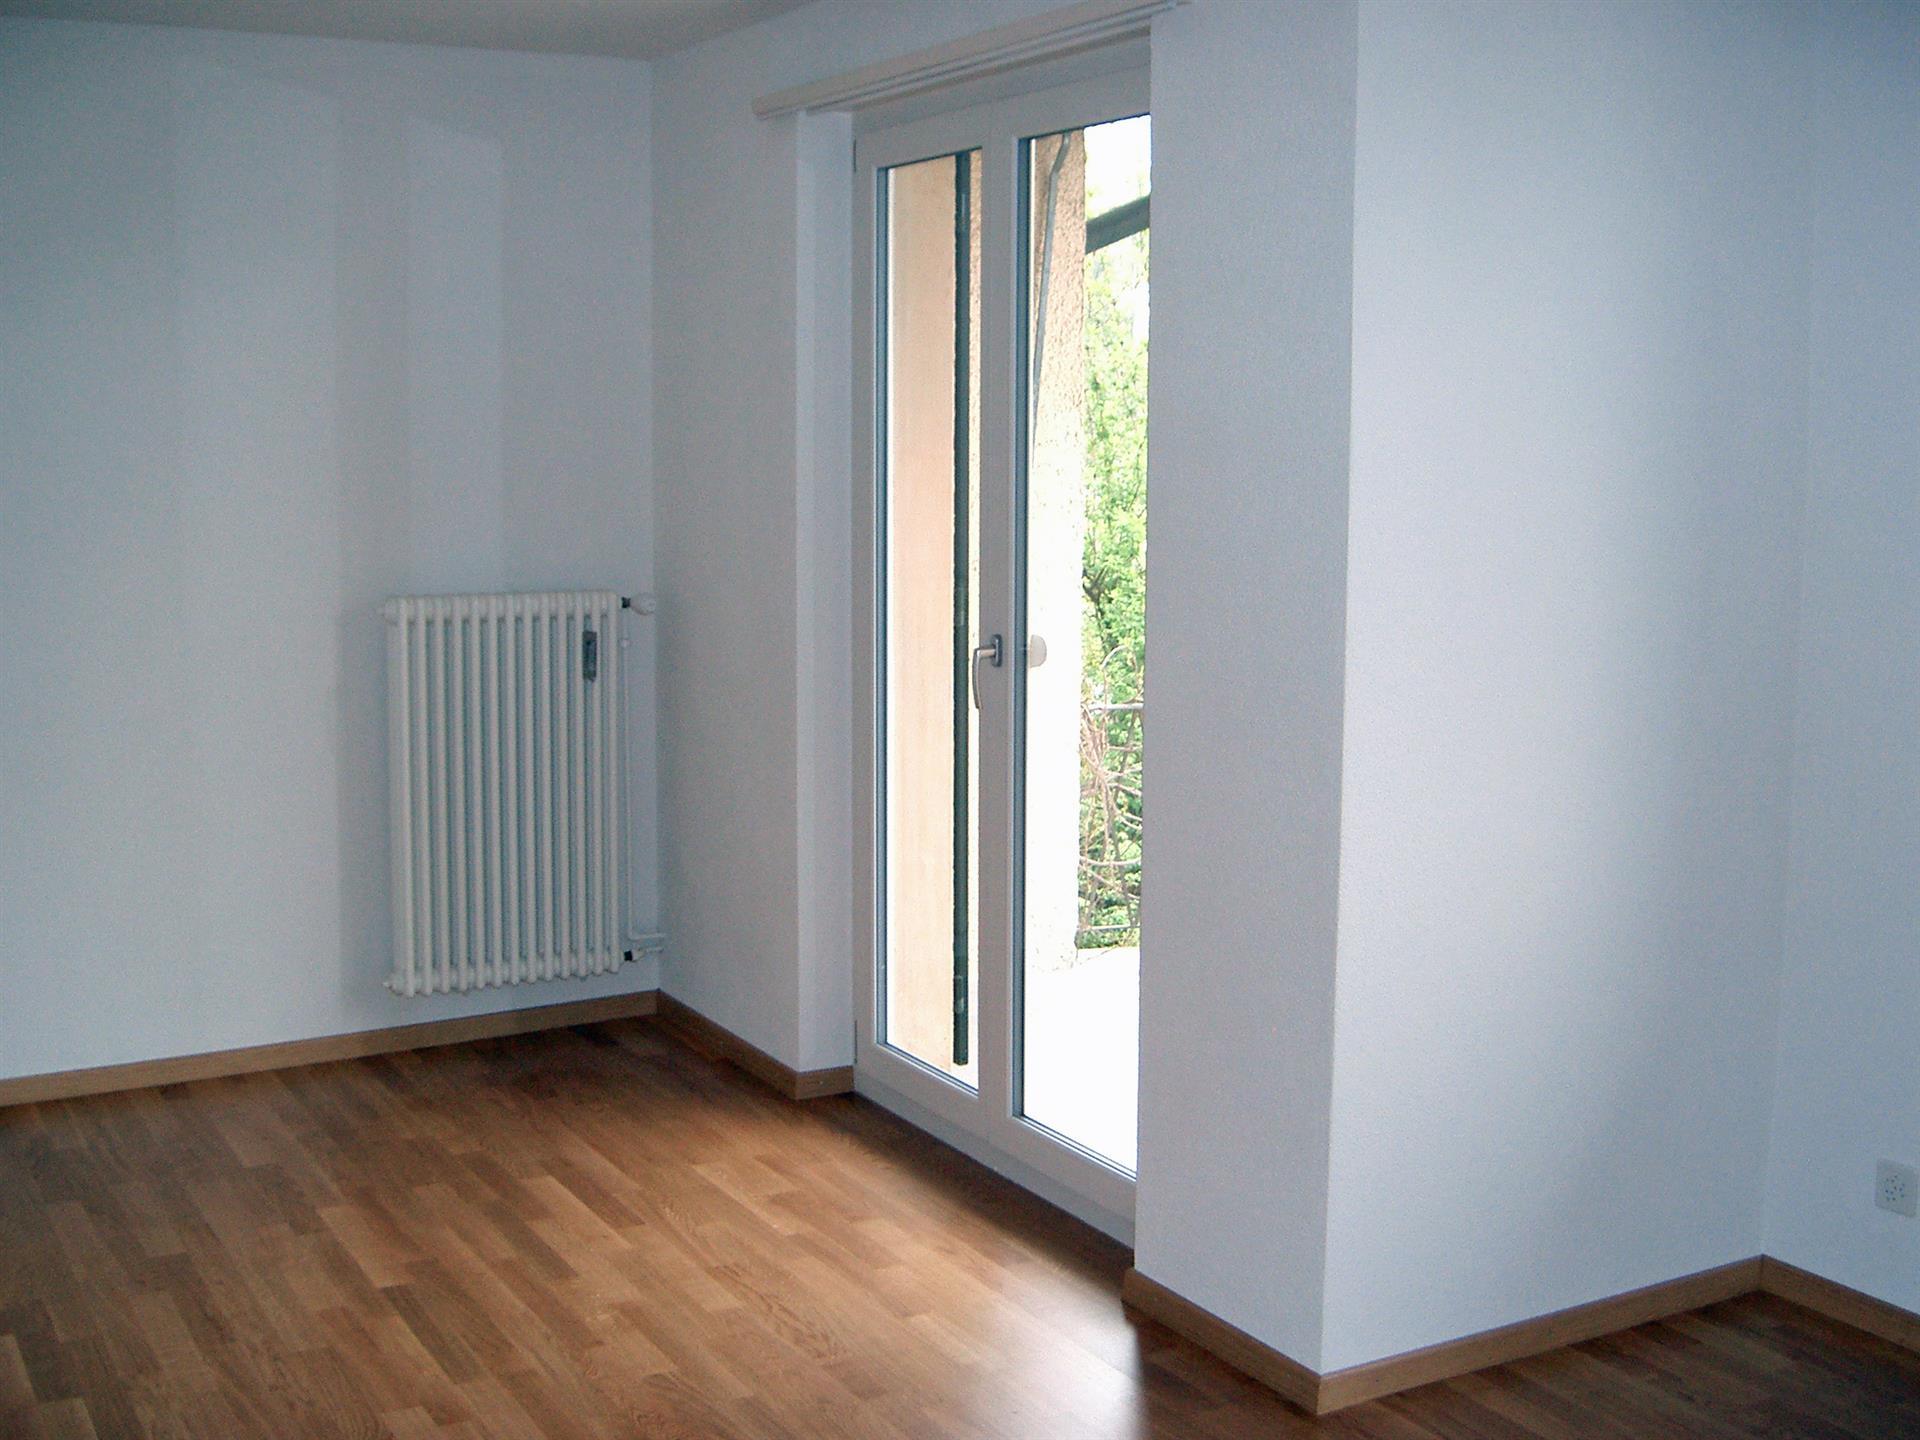 1 5 zimmer wohnung 1 og links. Black Bedroom Furniture Sets. Home Design Ideas